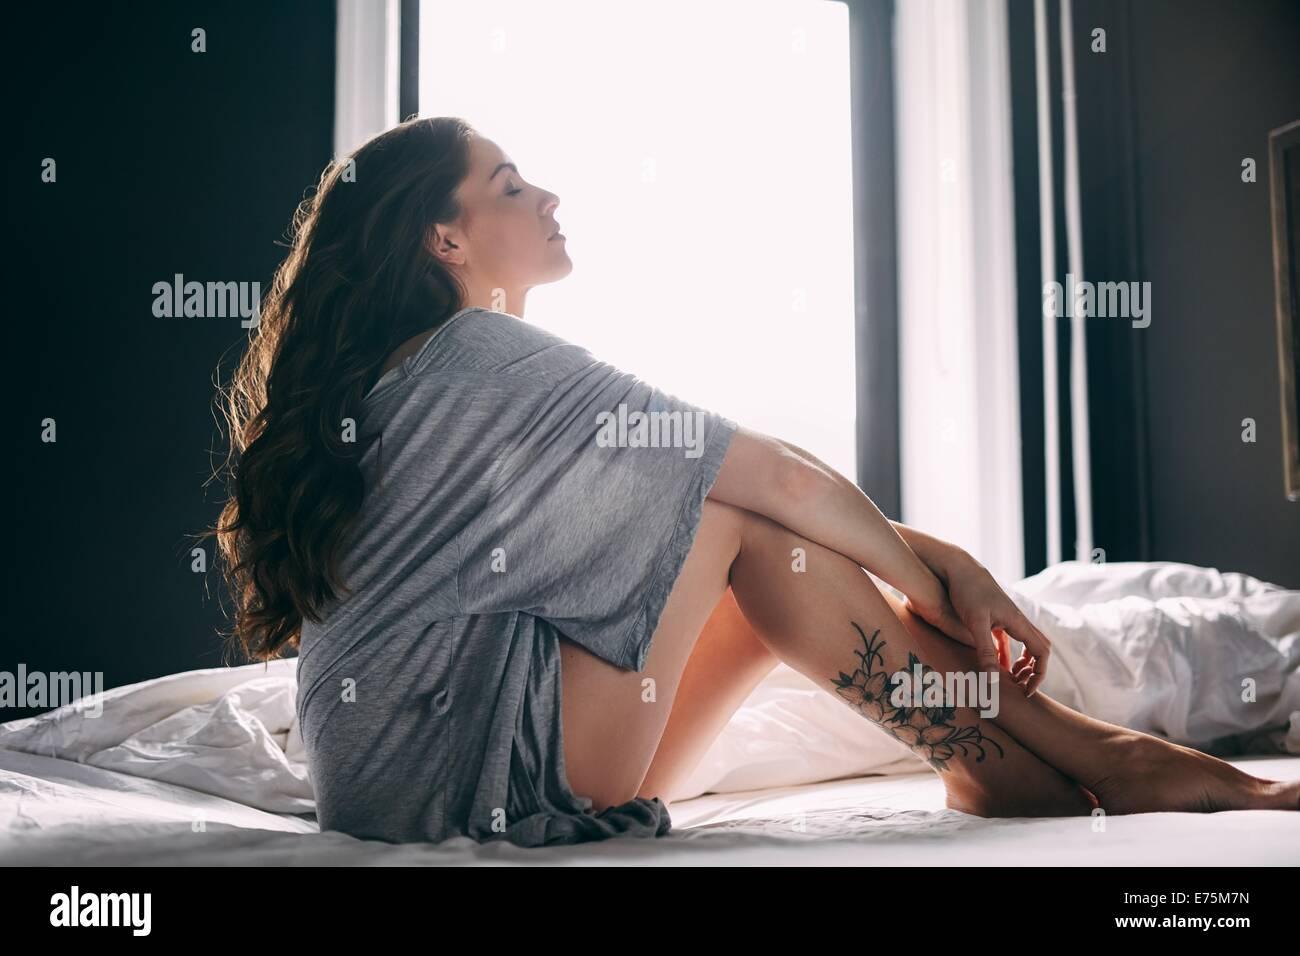 Vista lateral de la mujer sentada relajada en la cama con los ojos cerrados. Hembra relajado en el dormitorio. Imagen De Stock